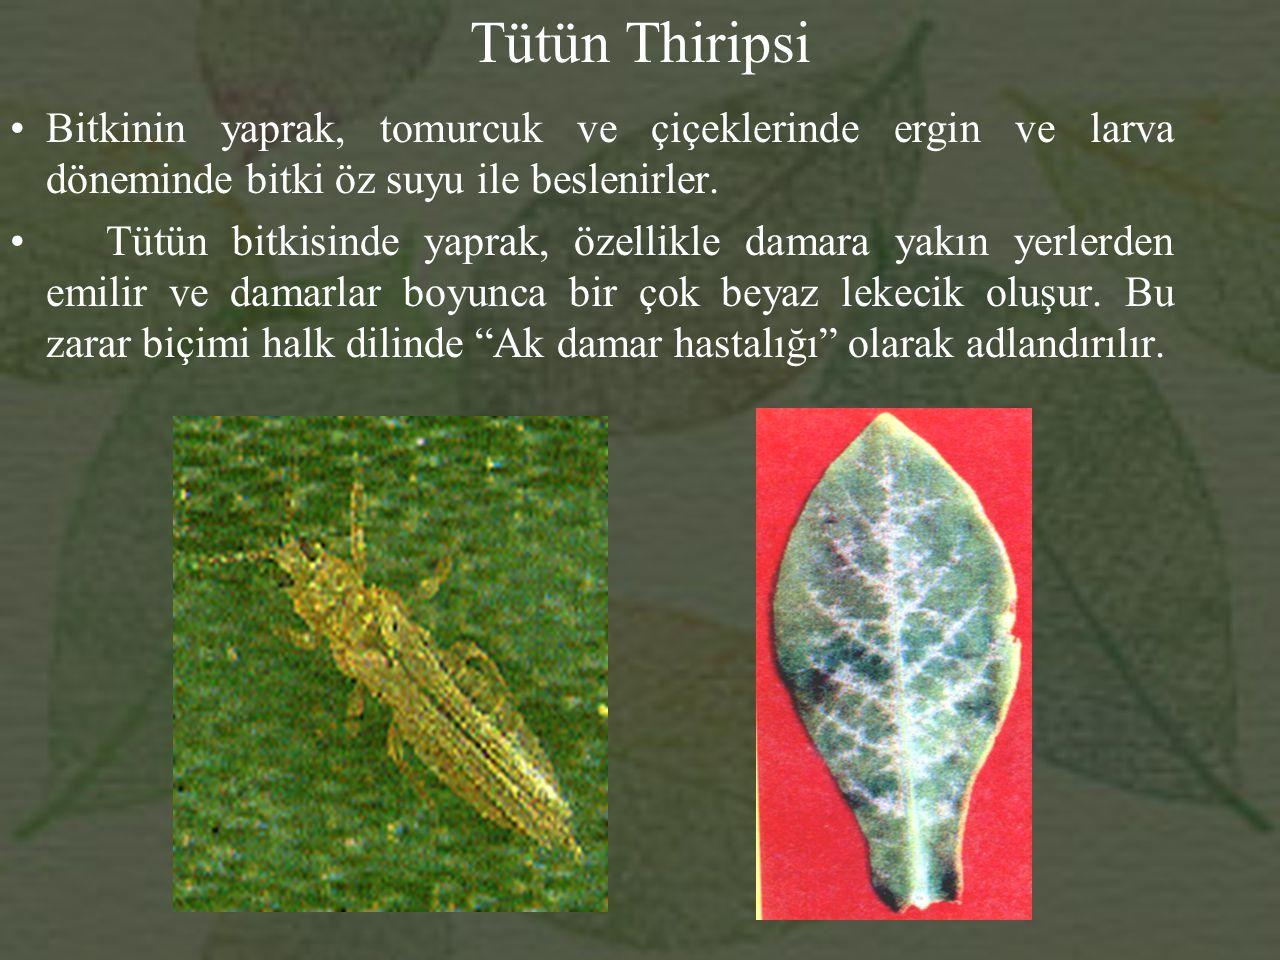 Tütün Thiripsi Bitkinin yaprak, tomurcuk ve çiçeklerinde ergin ve larva döneminde bitki öz suyu ile beslenirler.